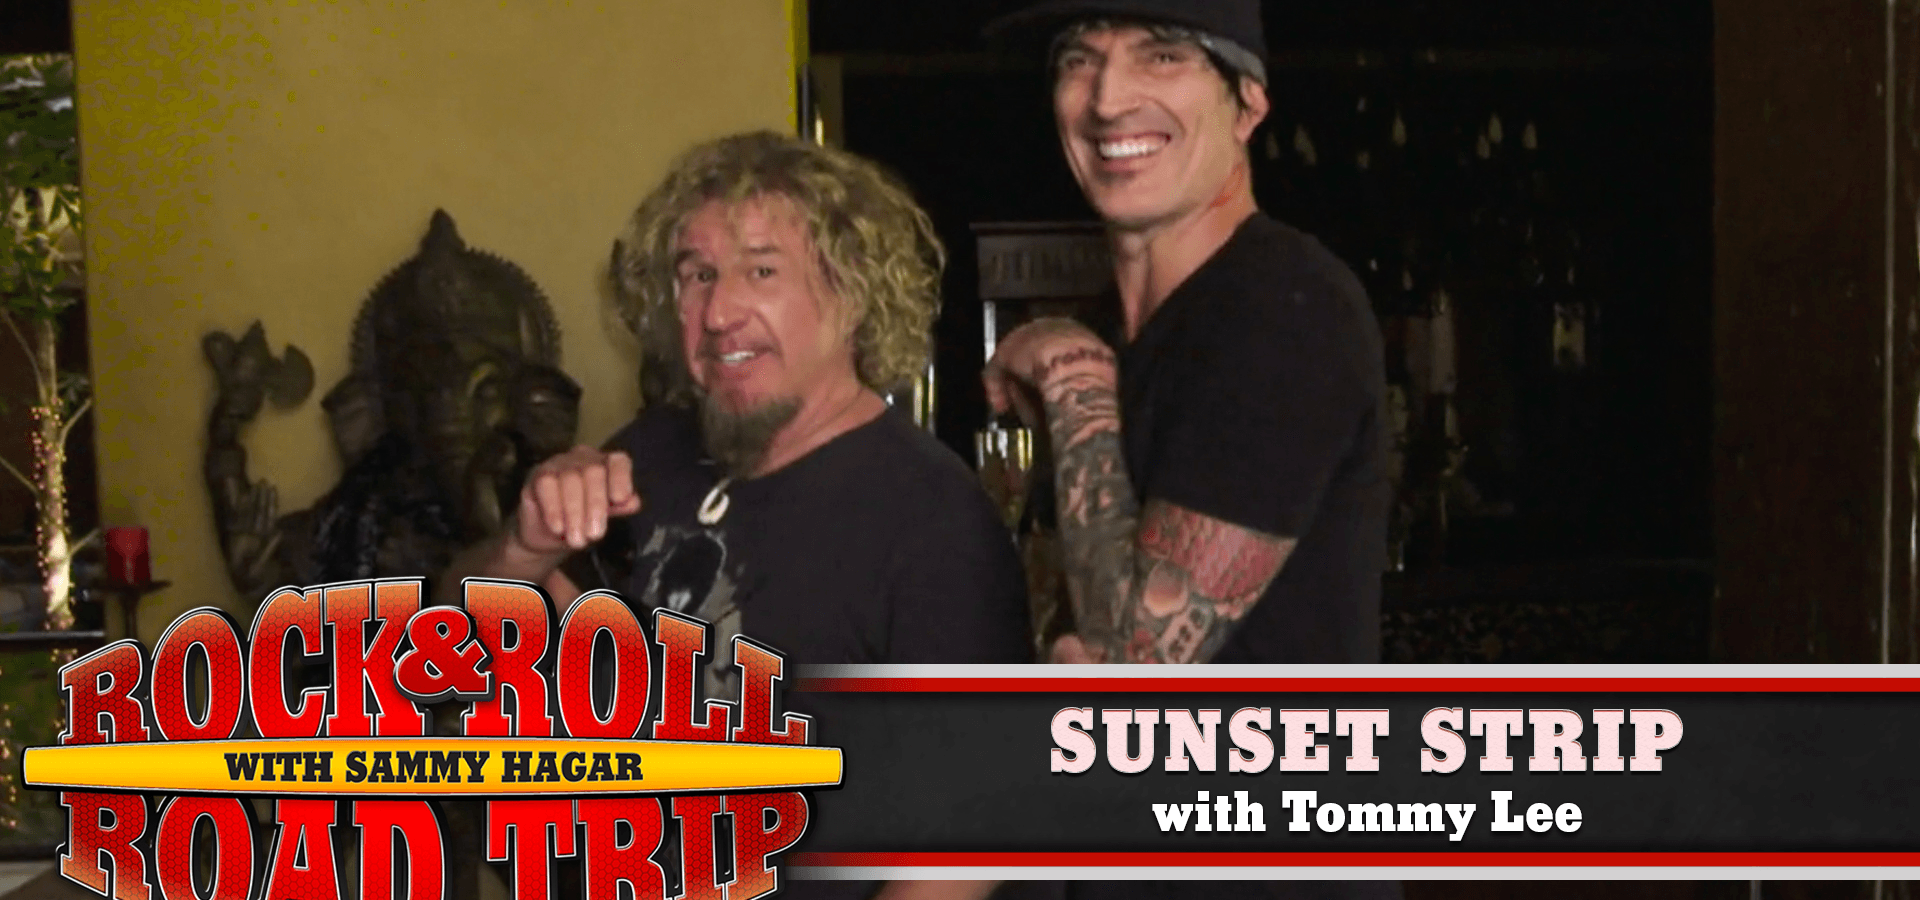 Rock & Roll Road Trip with Sammy Hagar Season 1